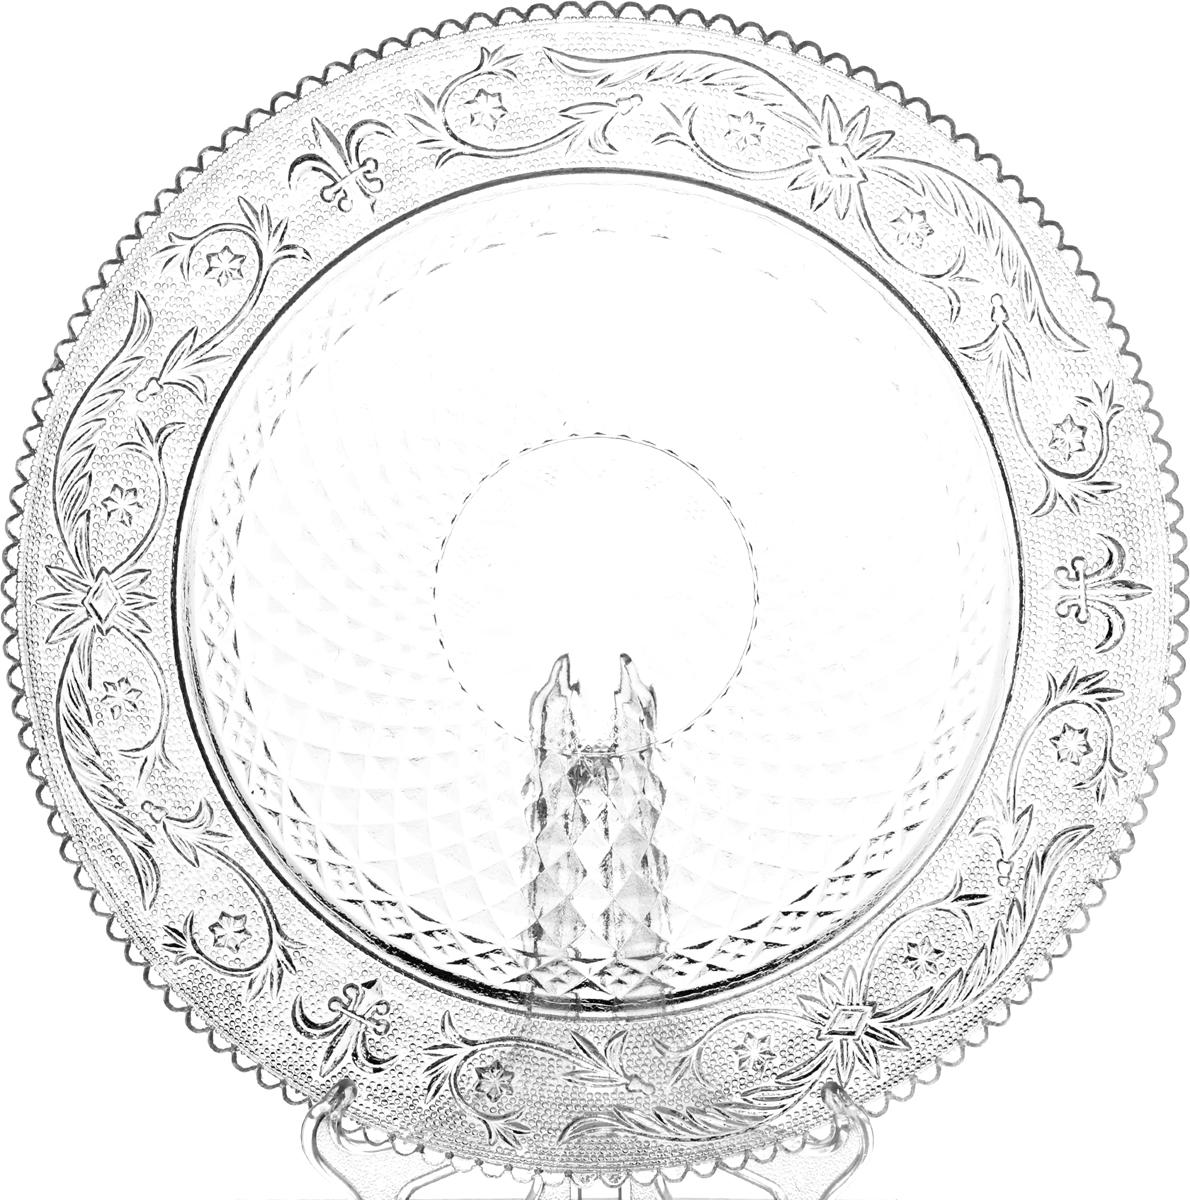 Блюдо Pasabahce Konya, диаметр 35,4 см54372BКруглое блюдо Pasabahce Konya выполнено из высококачественного закаленного стекла с рифленым бортиком. Изделие отлично подходит для сервировки закусок, нарезок, канапе, тортов, пирогов и многого другого. Такое блюдо украсит стол и подчеркнет ваш прекрасный вкус.Можно использовать в СВЧ и мыть в посудомоечной машине.